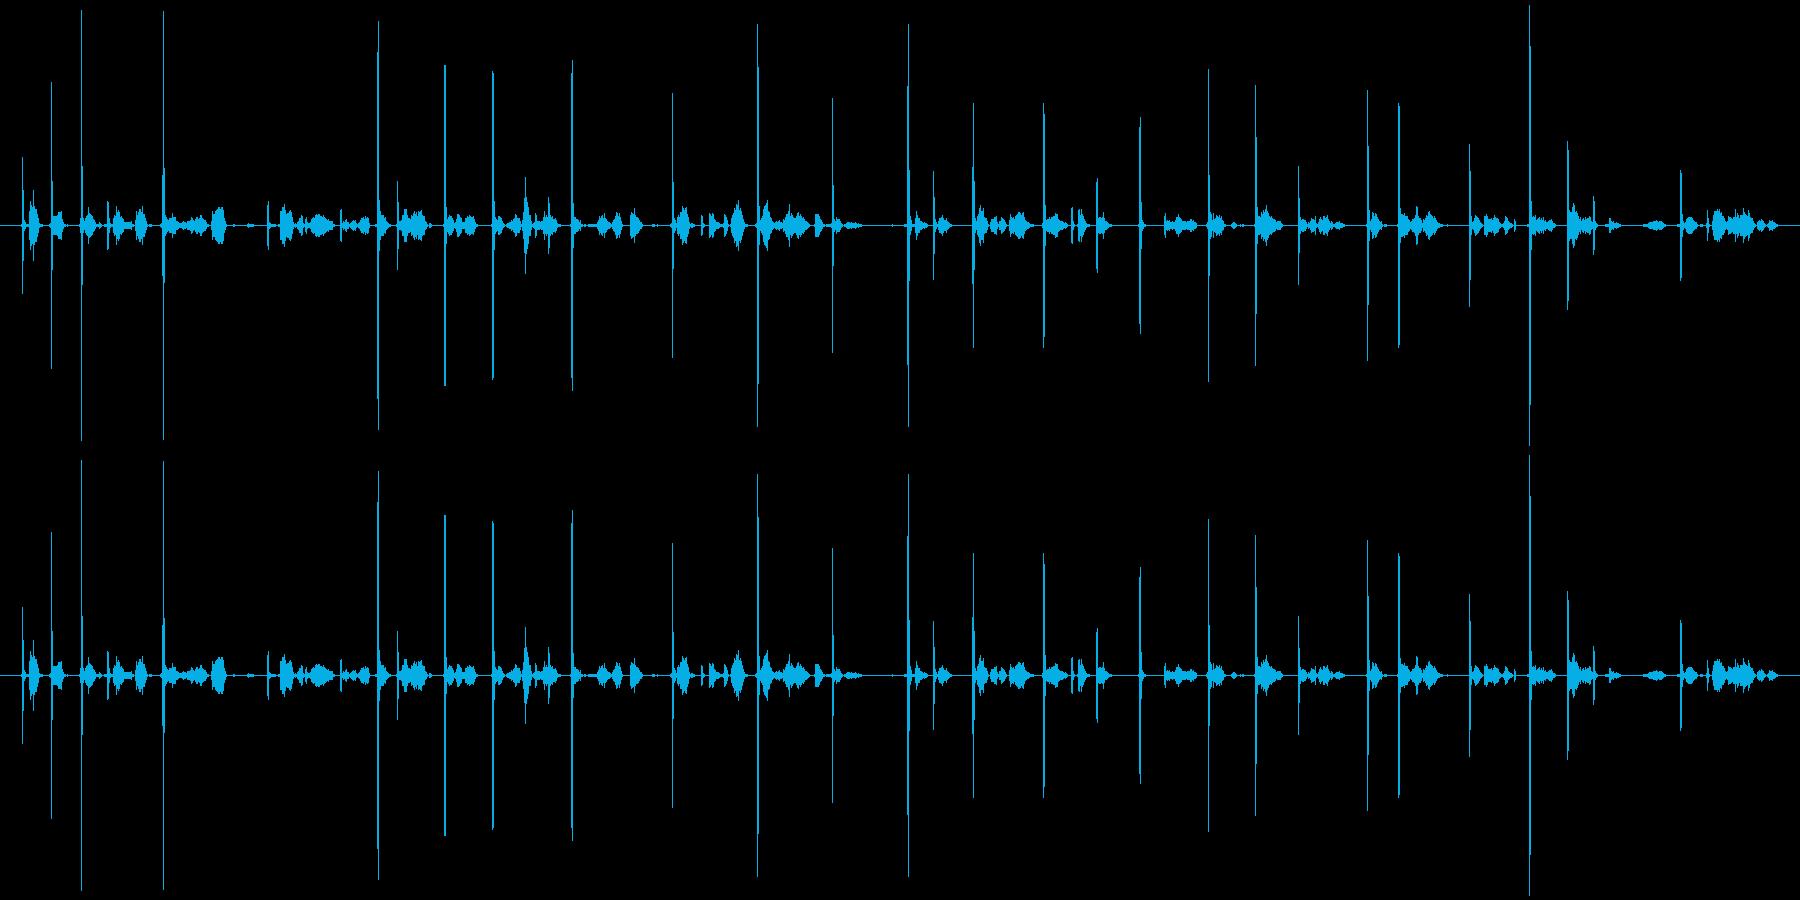 カキカキ(鉛筆で文字を書く音)木の板Bの再生済みの波形